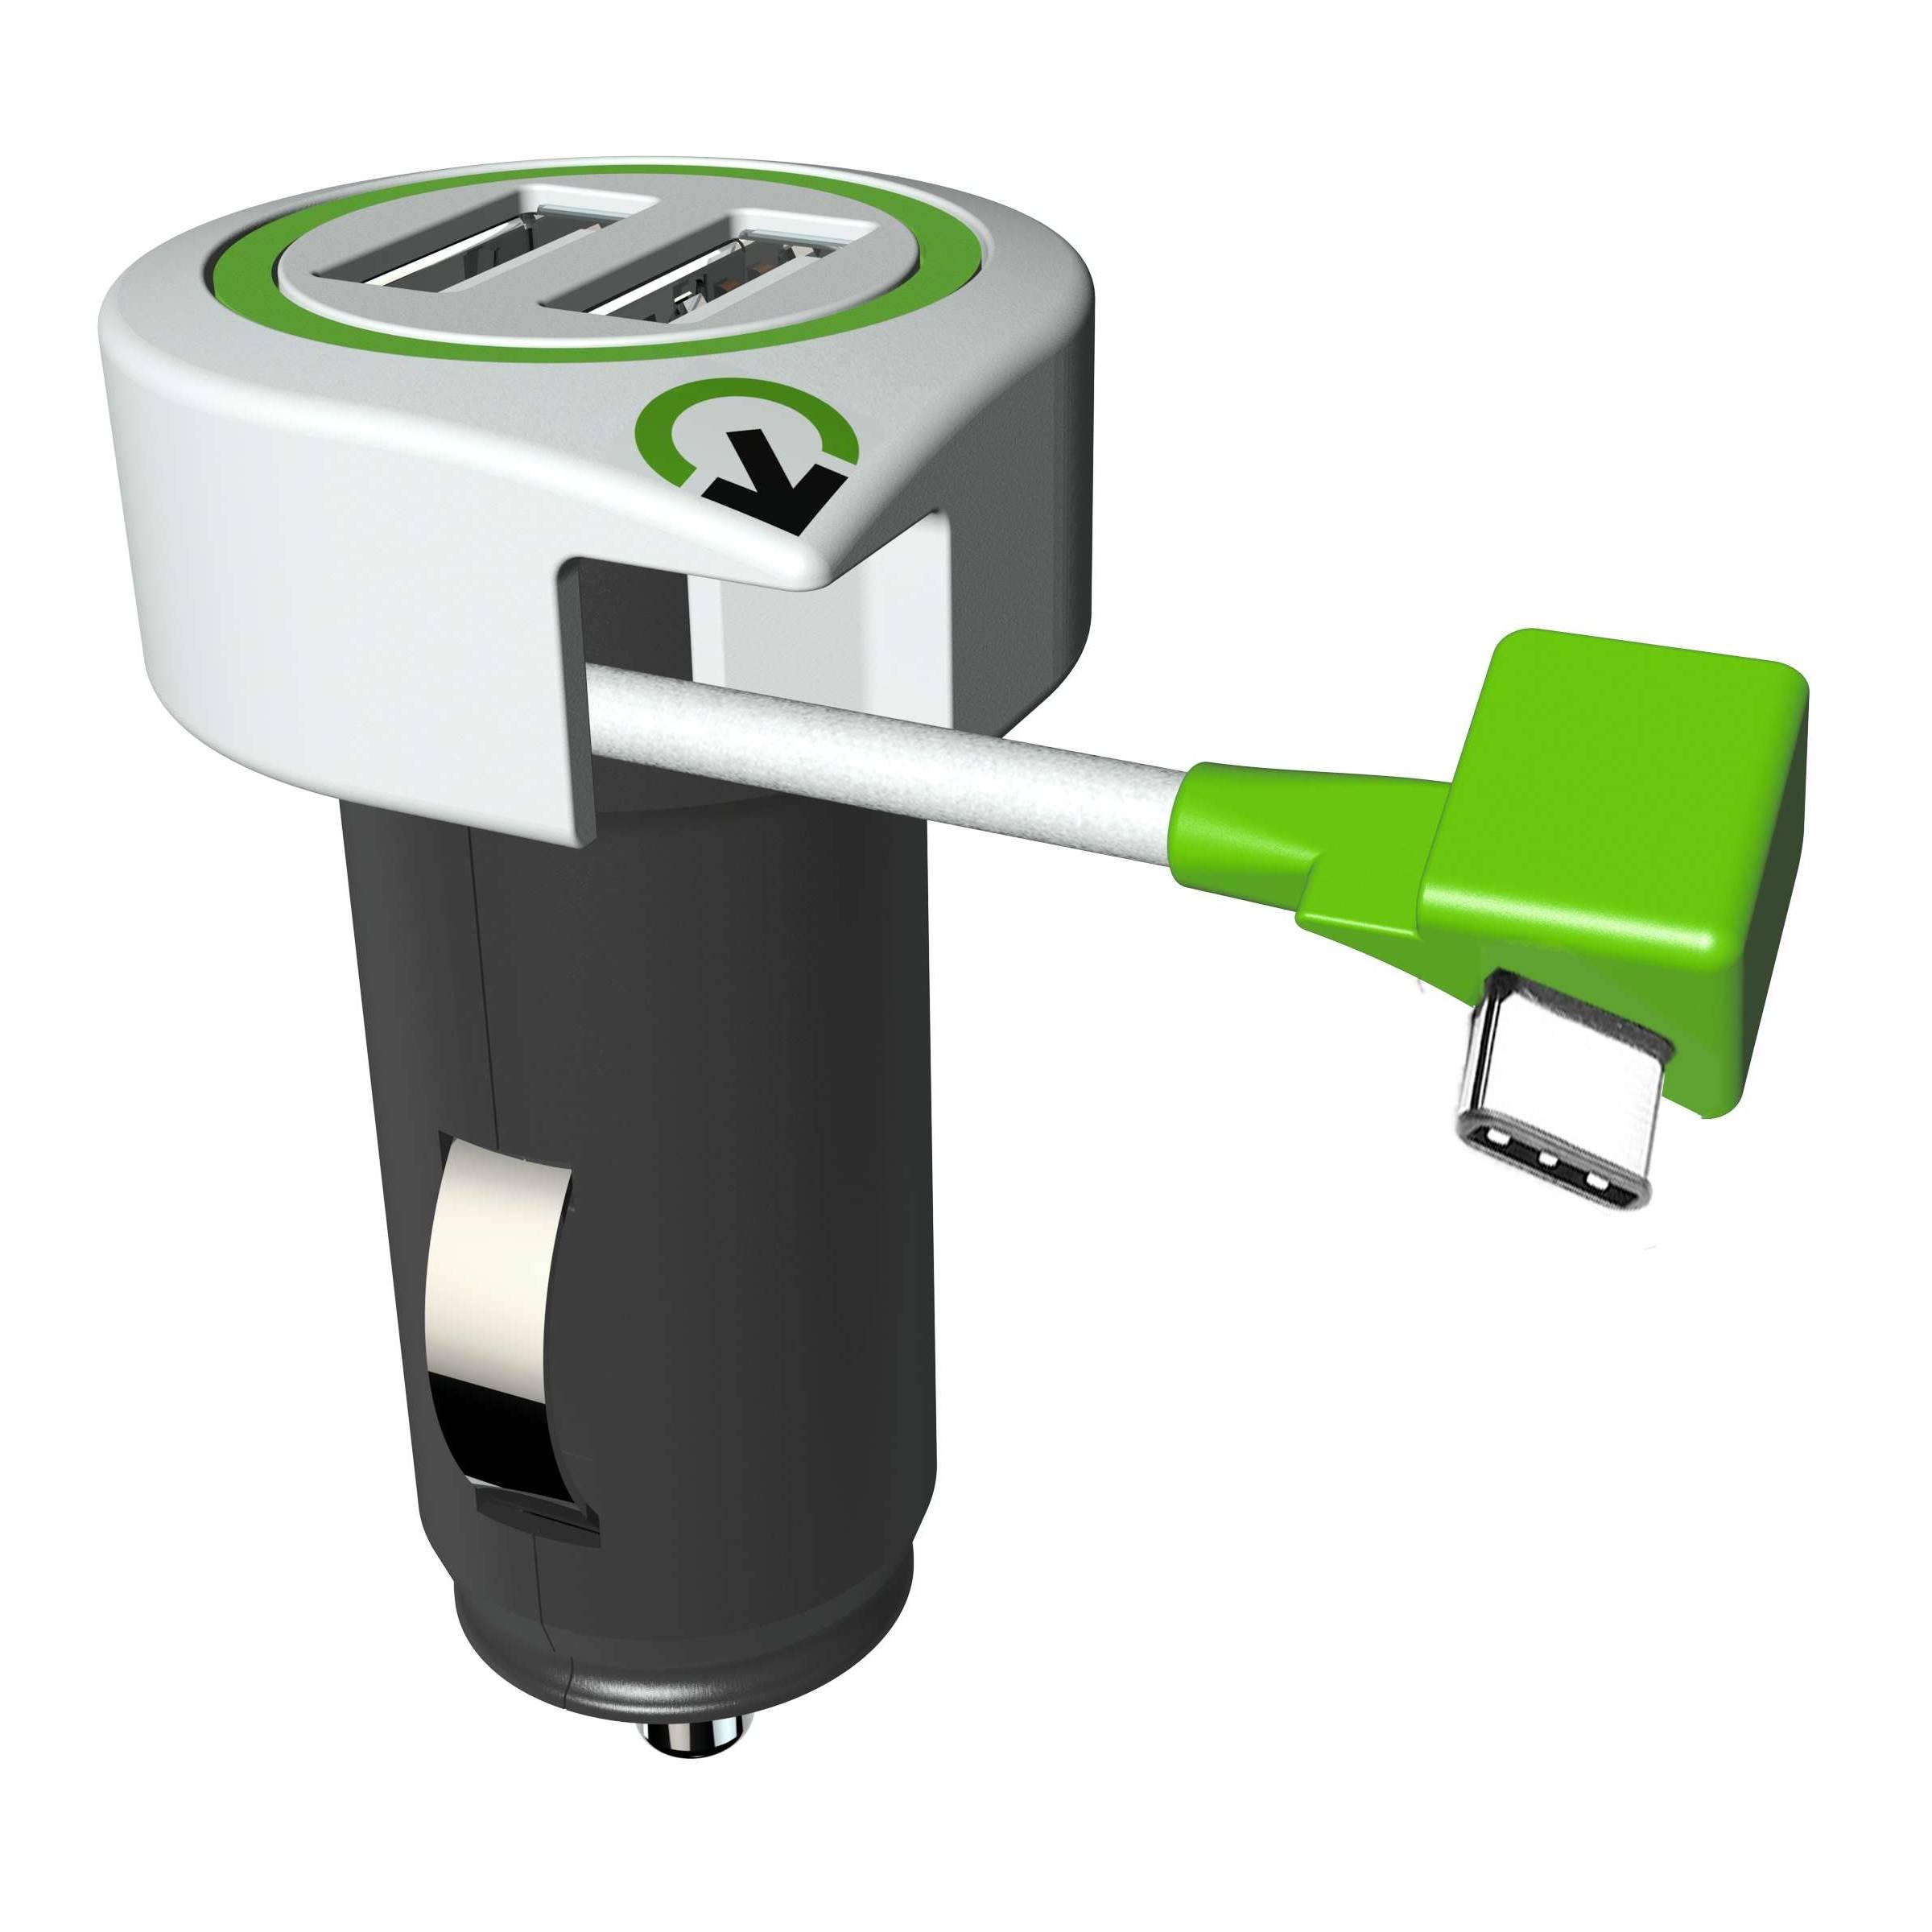 q2power – Q2power triple usb bil oplader med usb-c kabel på mackabler.dk